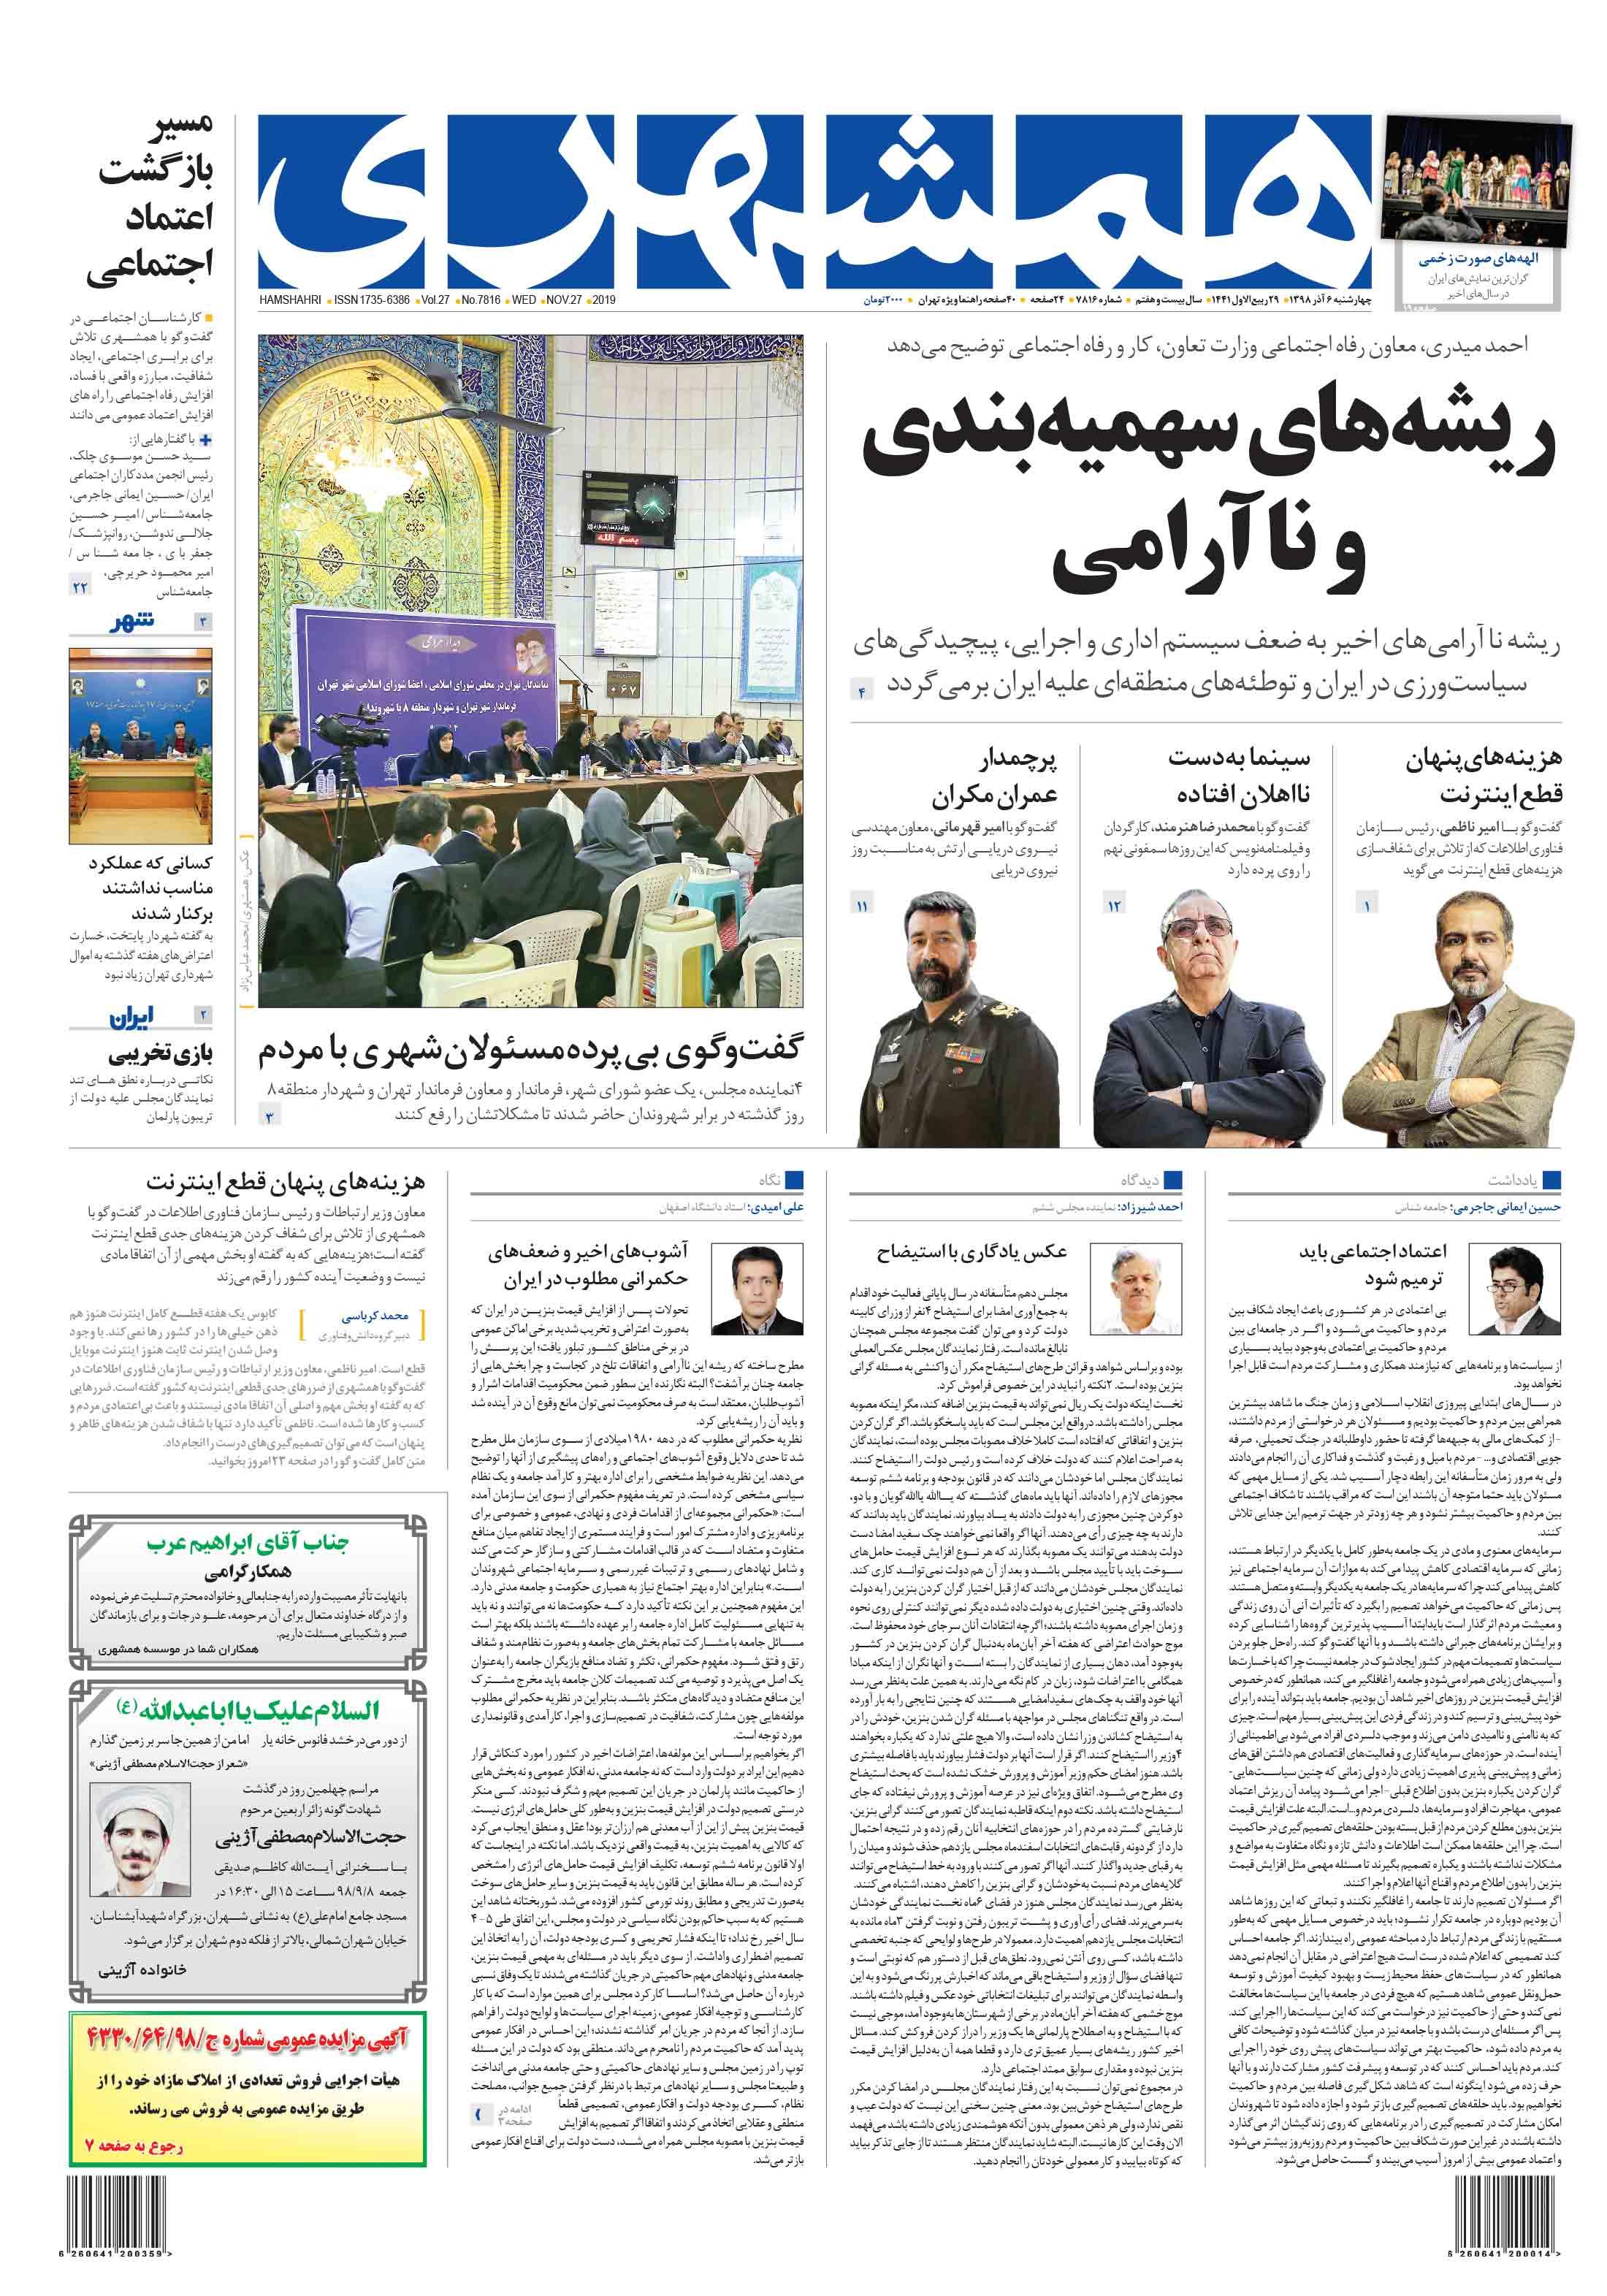 صفحه اول چهارشنبه 6 آذر 1398